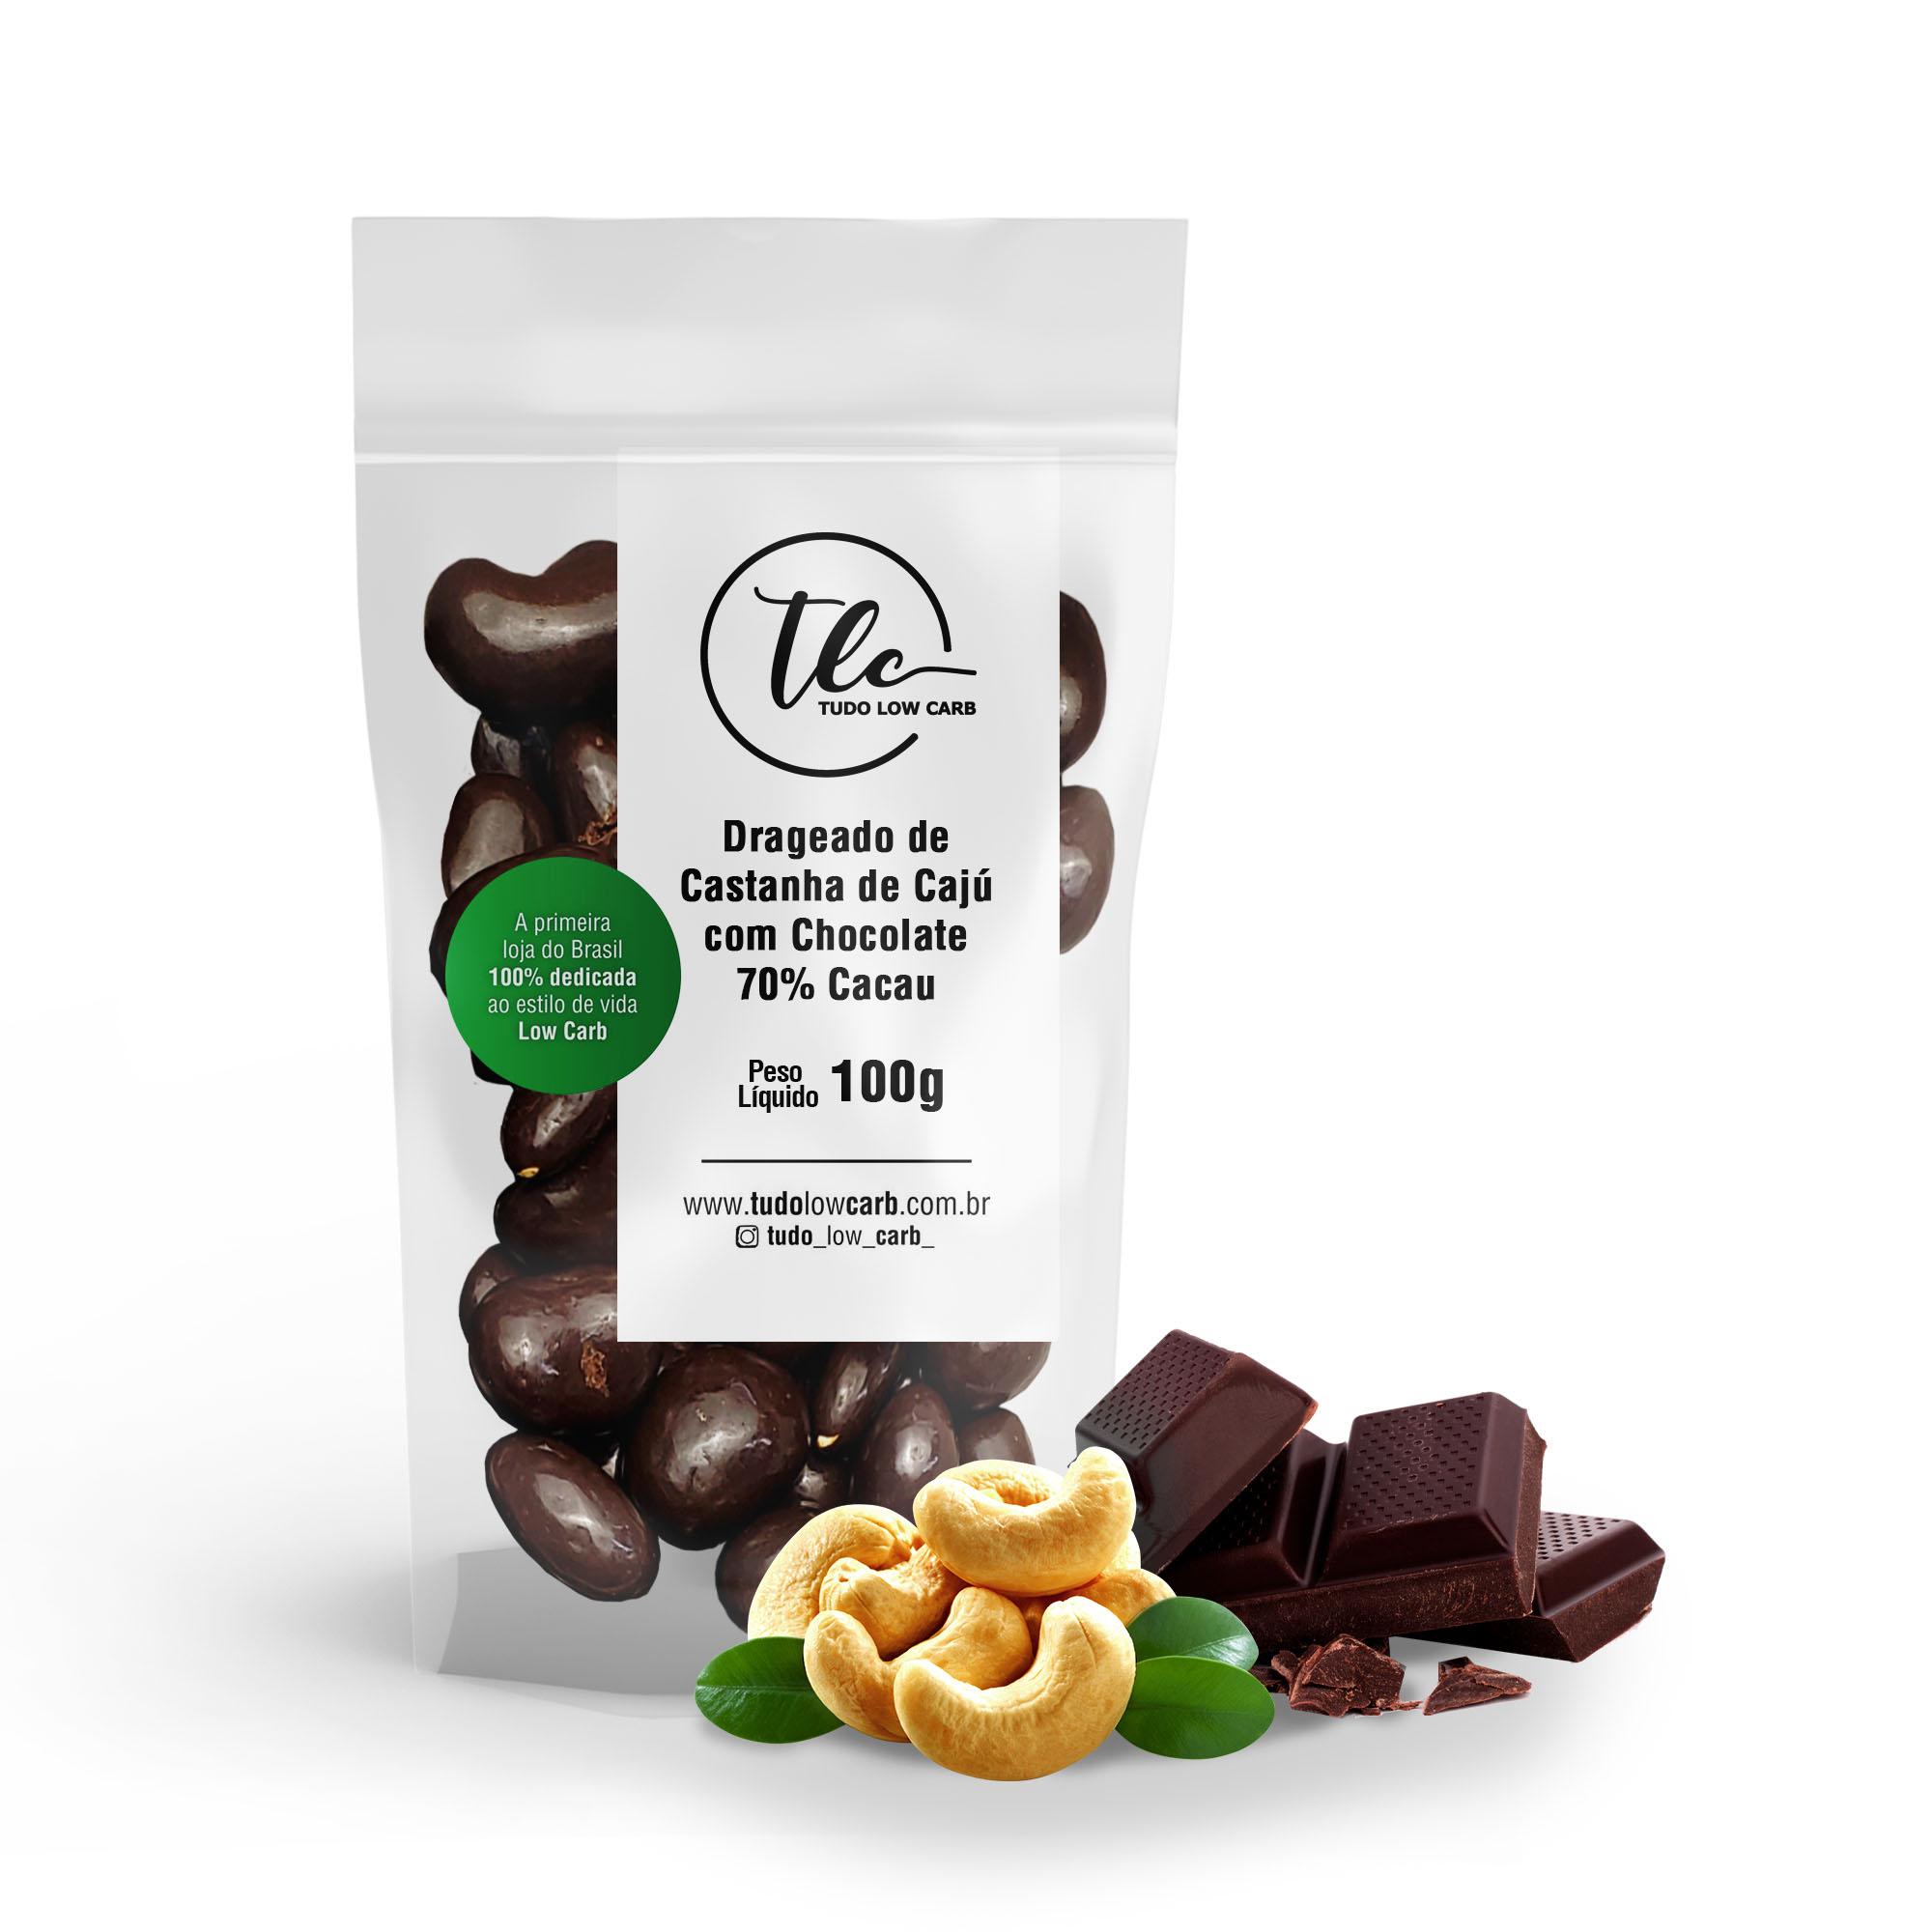 Drageado Castanha de Cajú com Chocolate 70% Cacau 100g  - TLC Tudo Low Carb